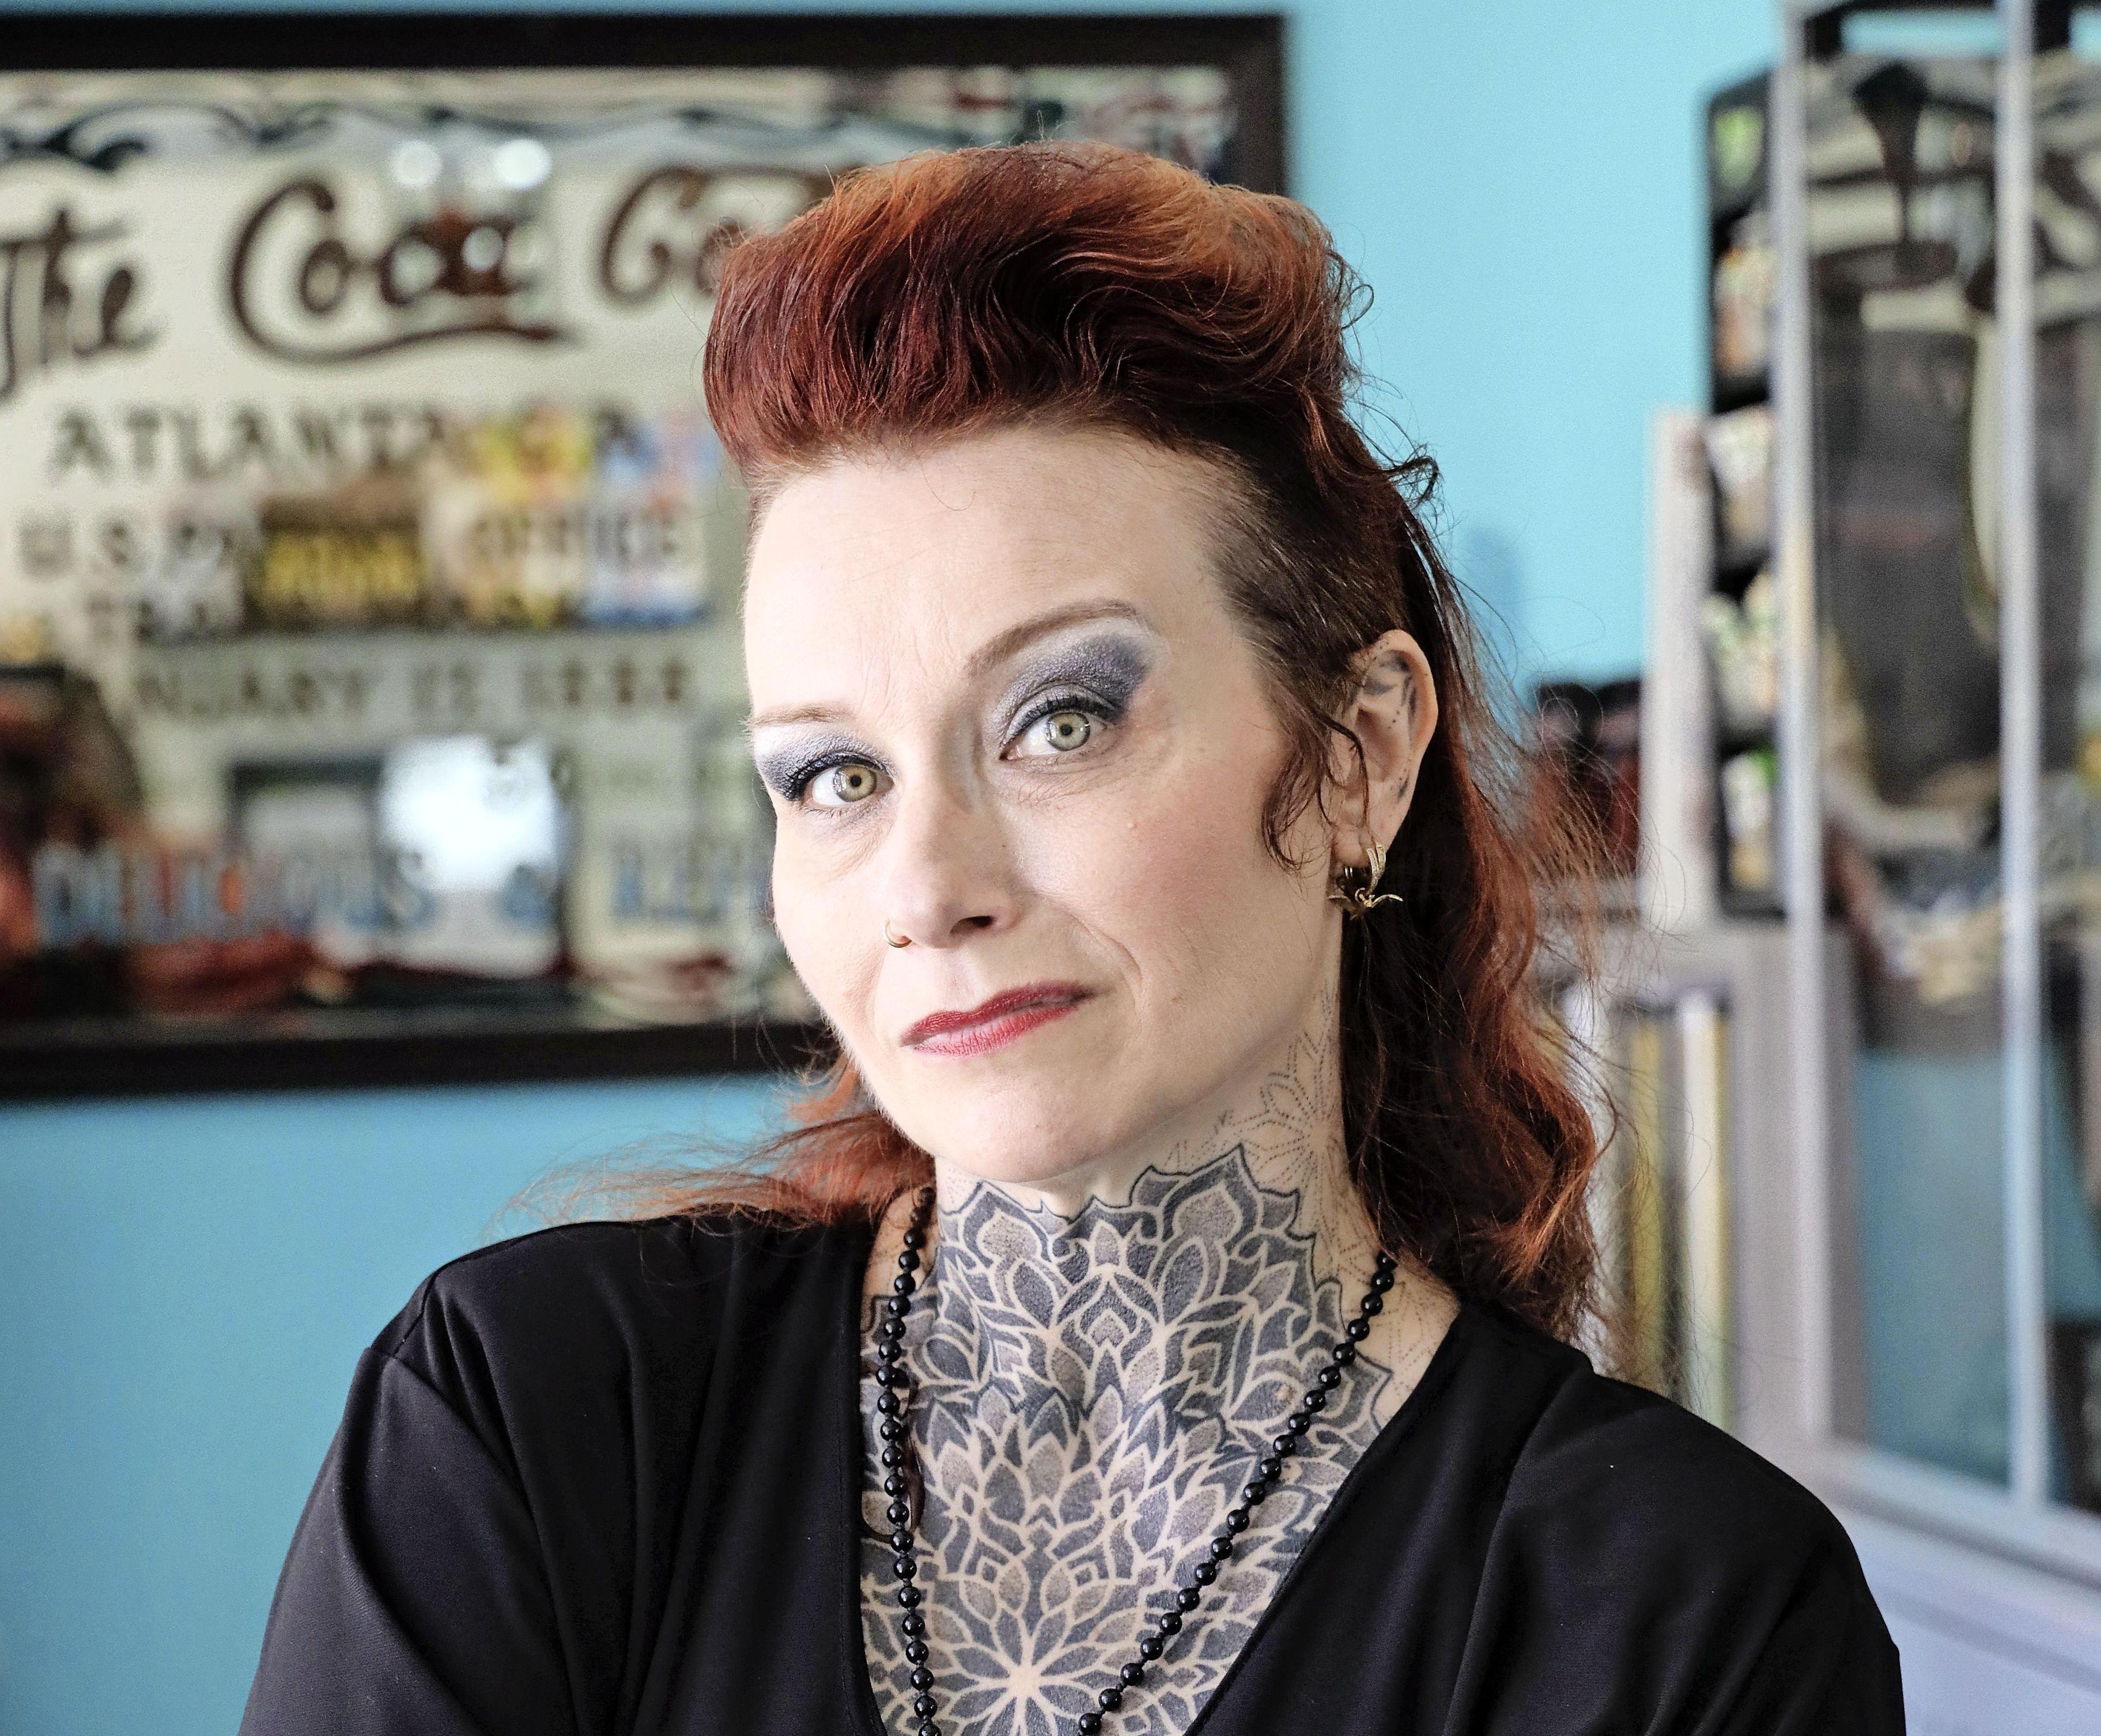 Tegenslag, de zorg om haar man en haar tattooshop hebben Enkhuizense Saskia Righart van Gelder alleen maar sterker gemaakt. 'Het leven moet gevierd worden!'